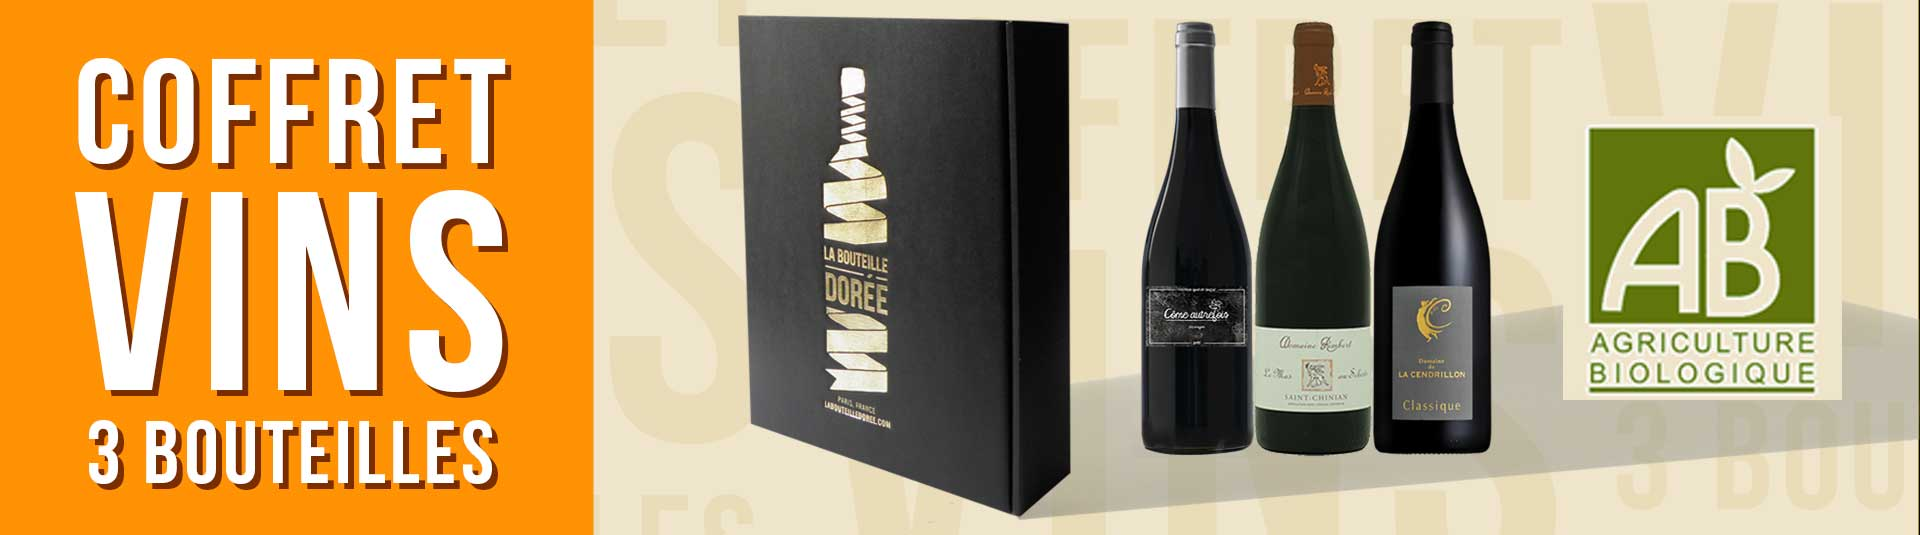 Coffret vin Languedoc Agriculture Biologique 3 bouteilles